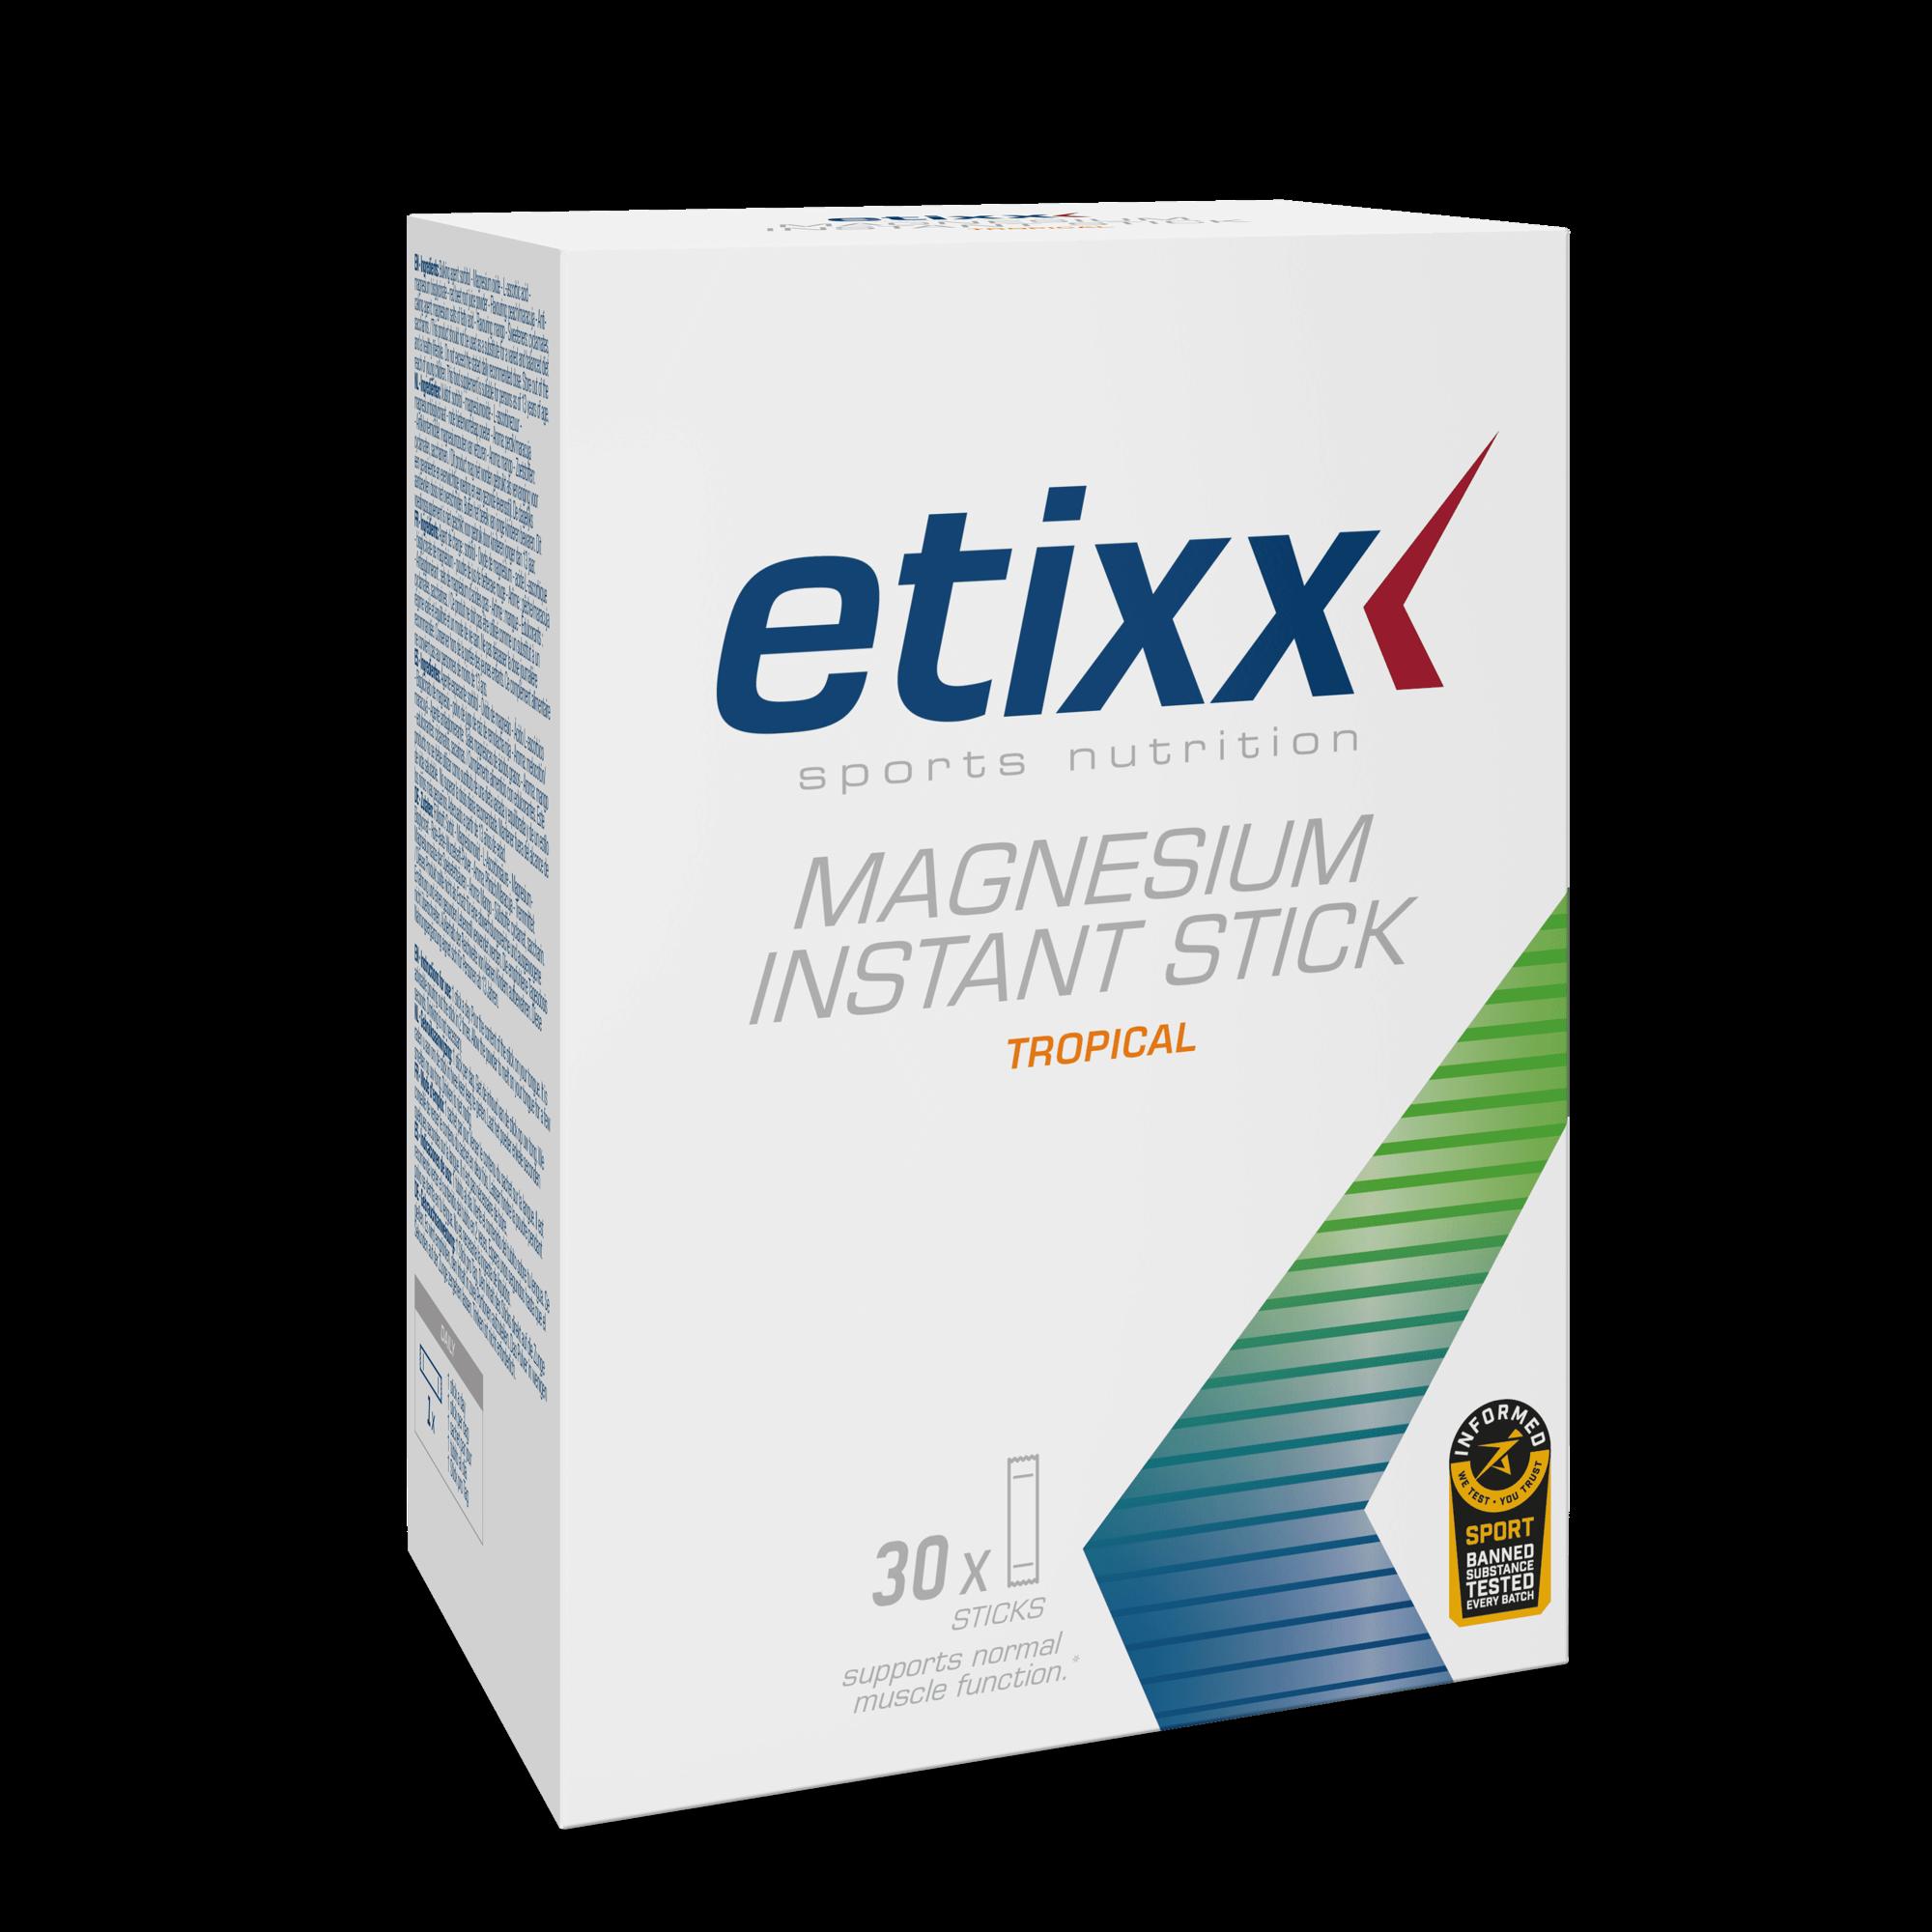 Magnesium Instant Stick